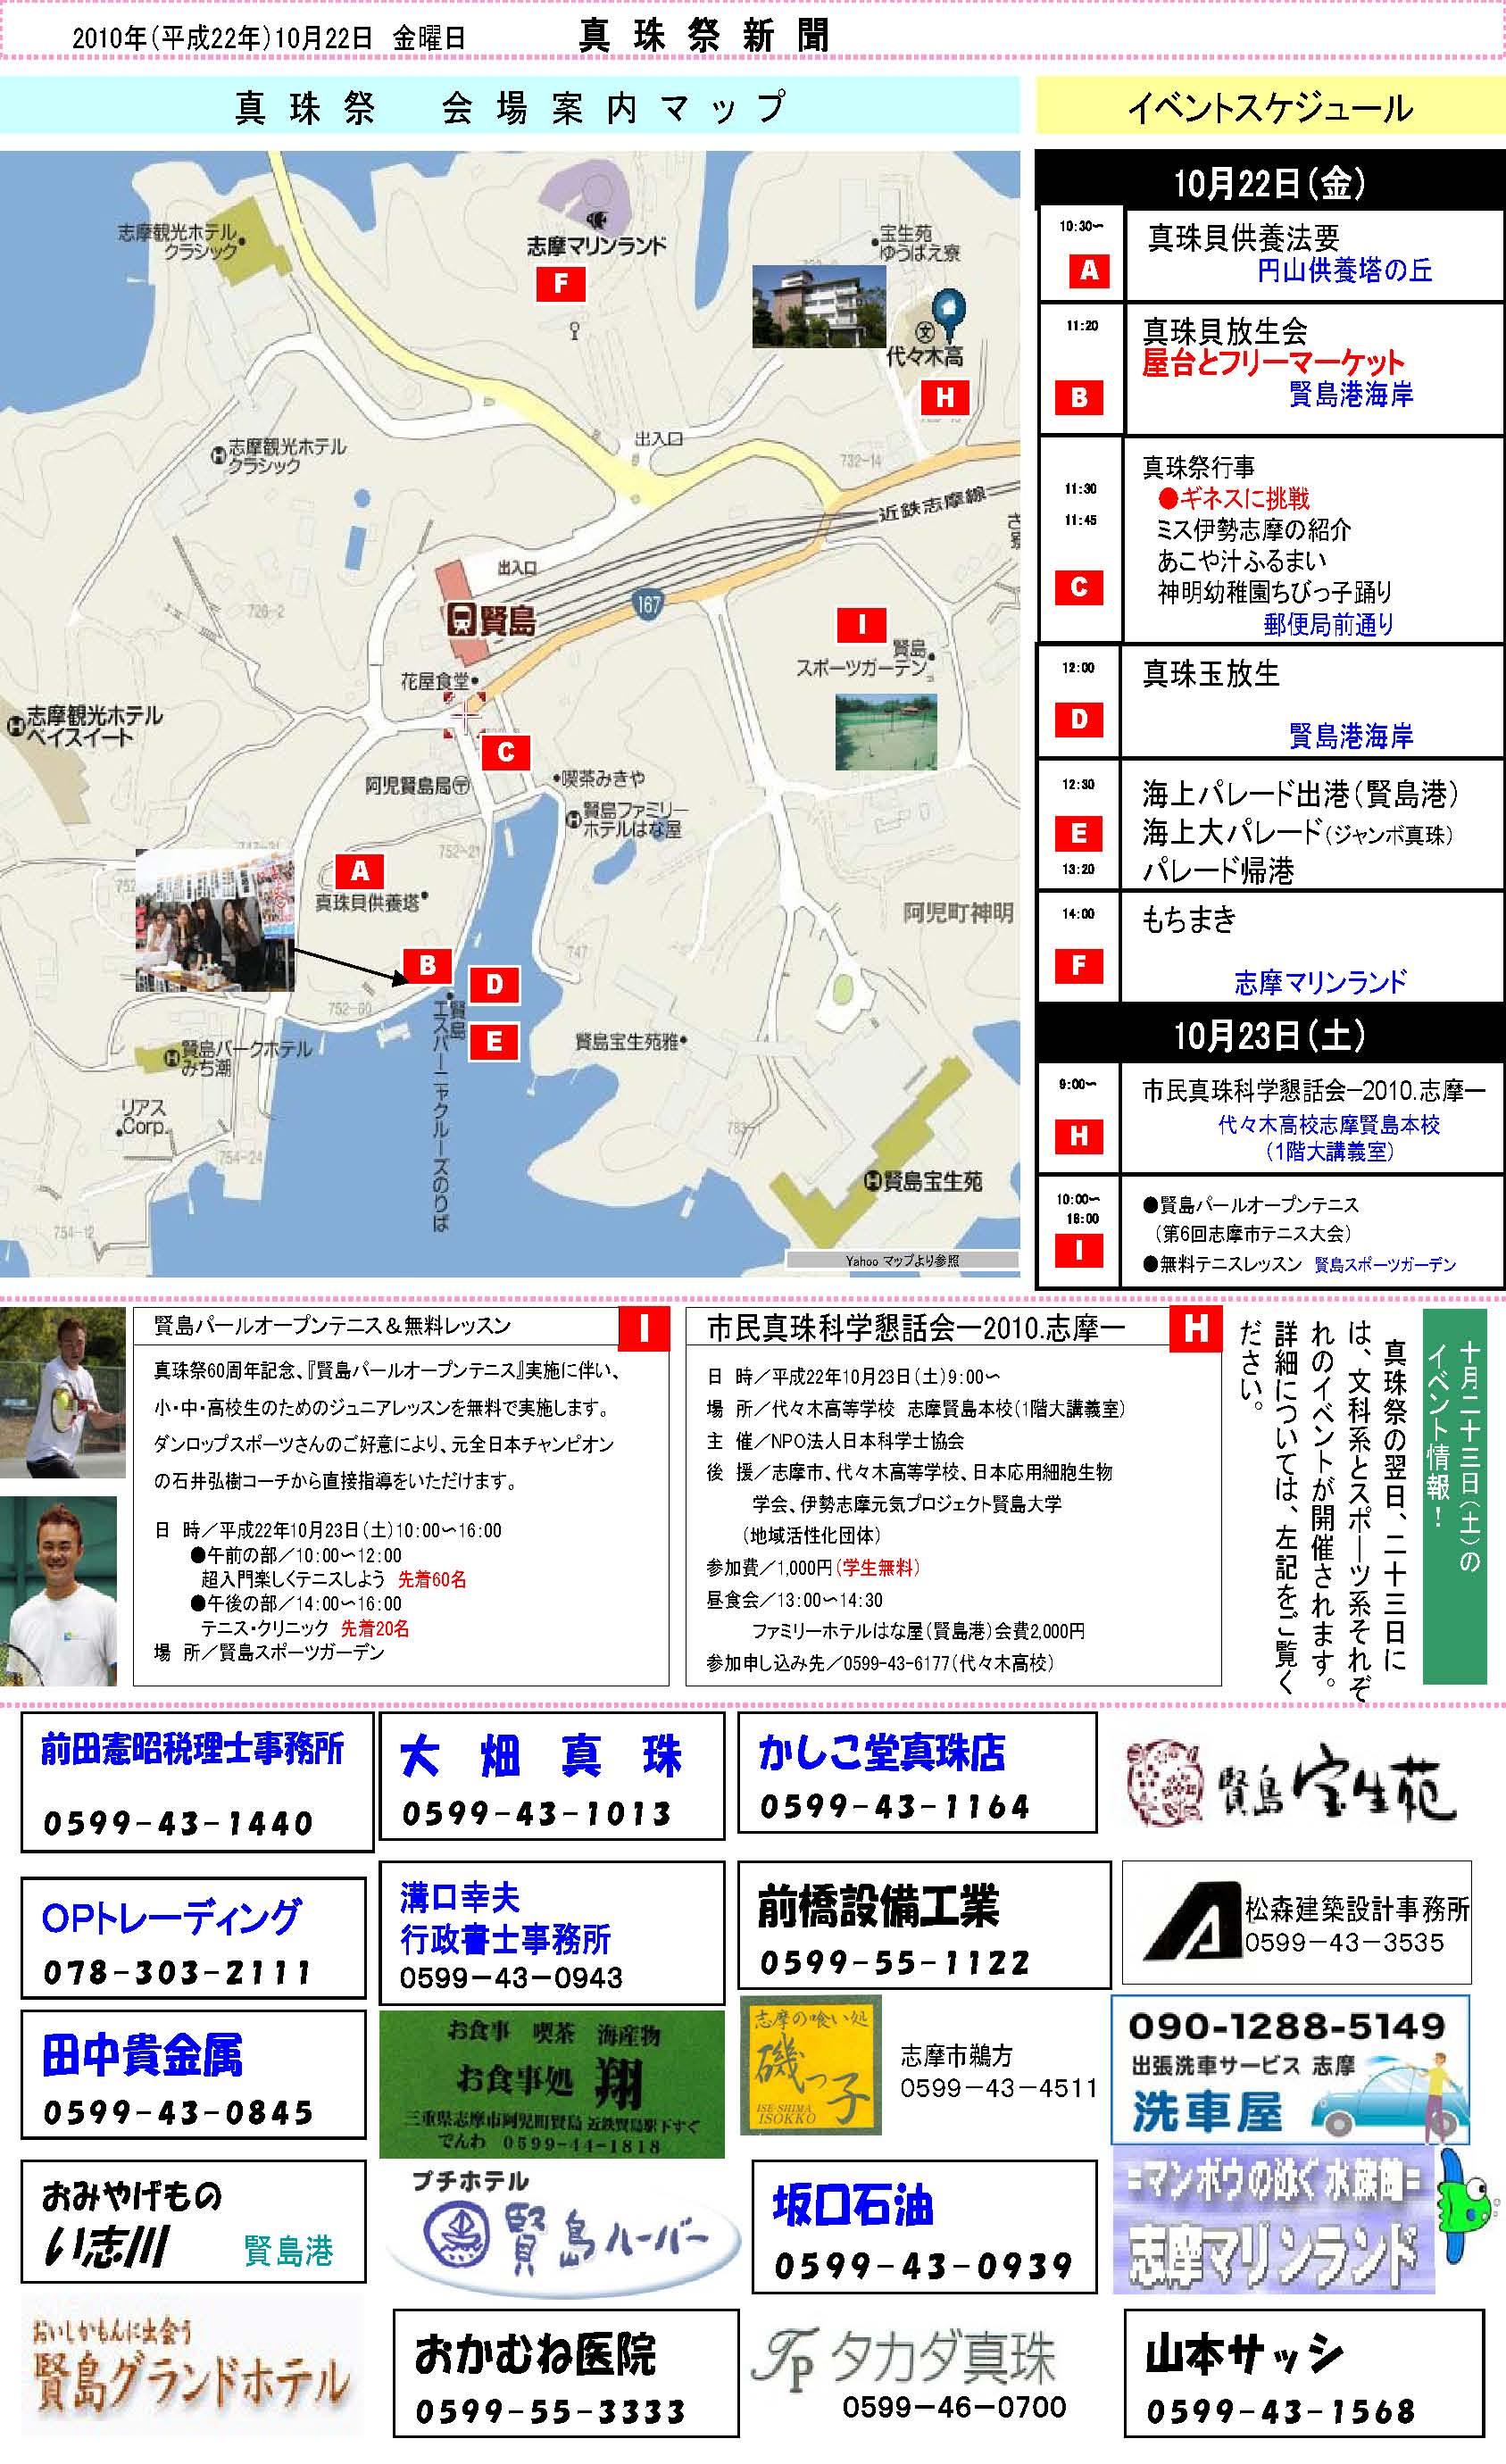 http://iseshima.org/2010%E7%9C%9F%E7%8F%A0%E7%A5%AD-2_%E3%83%9A%E3%83%BC%E3%82%B8_3.jpg